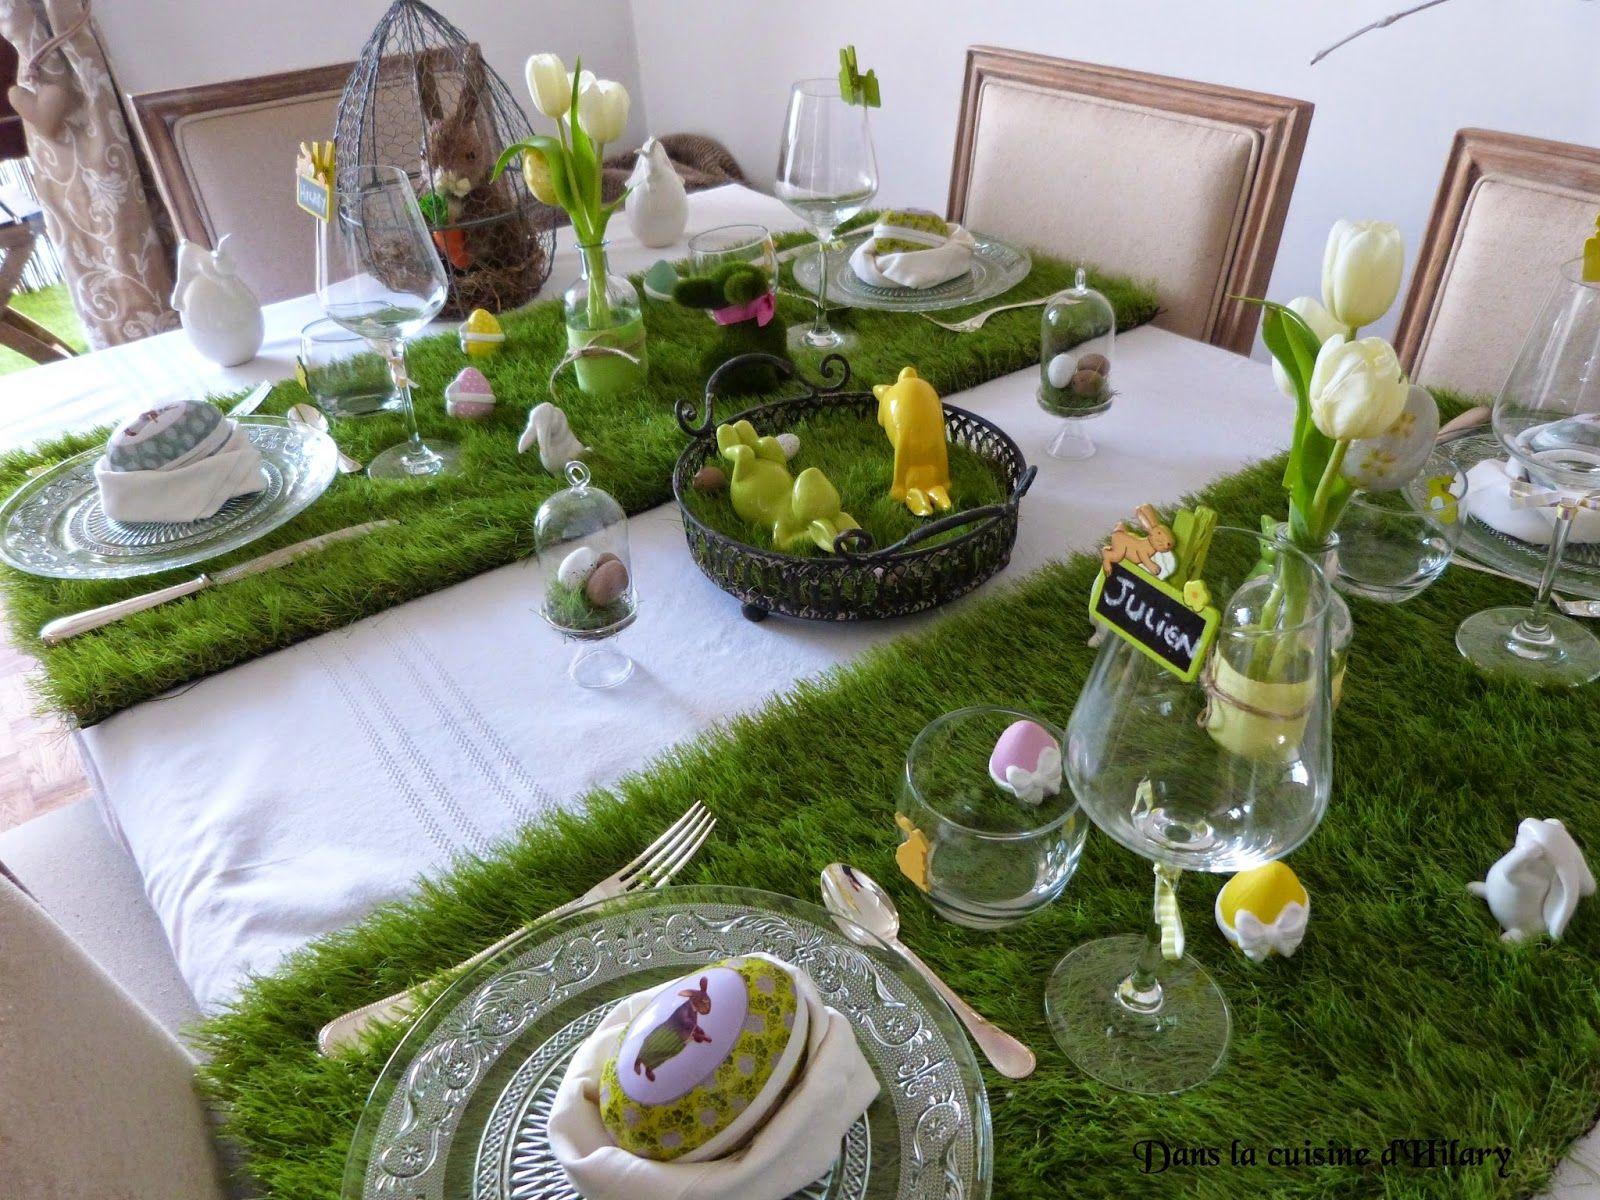 """Dans la cuisine d'Hilary: Table de pâques """"Les lapins apportent les œufs dans le jardin"""" / Easter table """"Rabbits and eggs in the garden"""""""